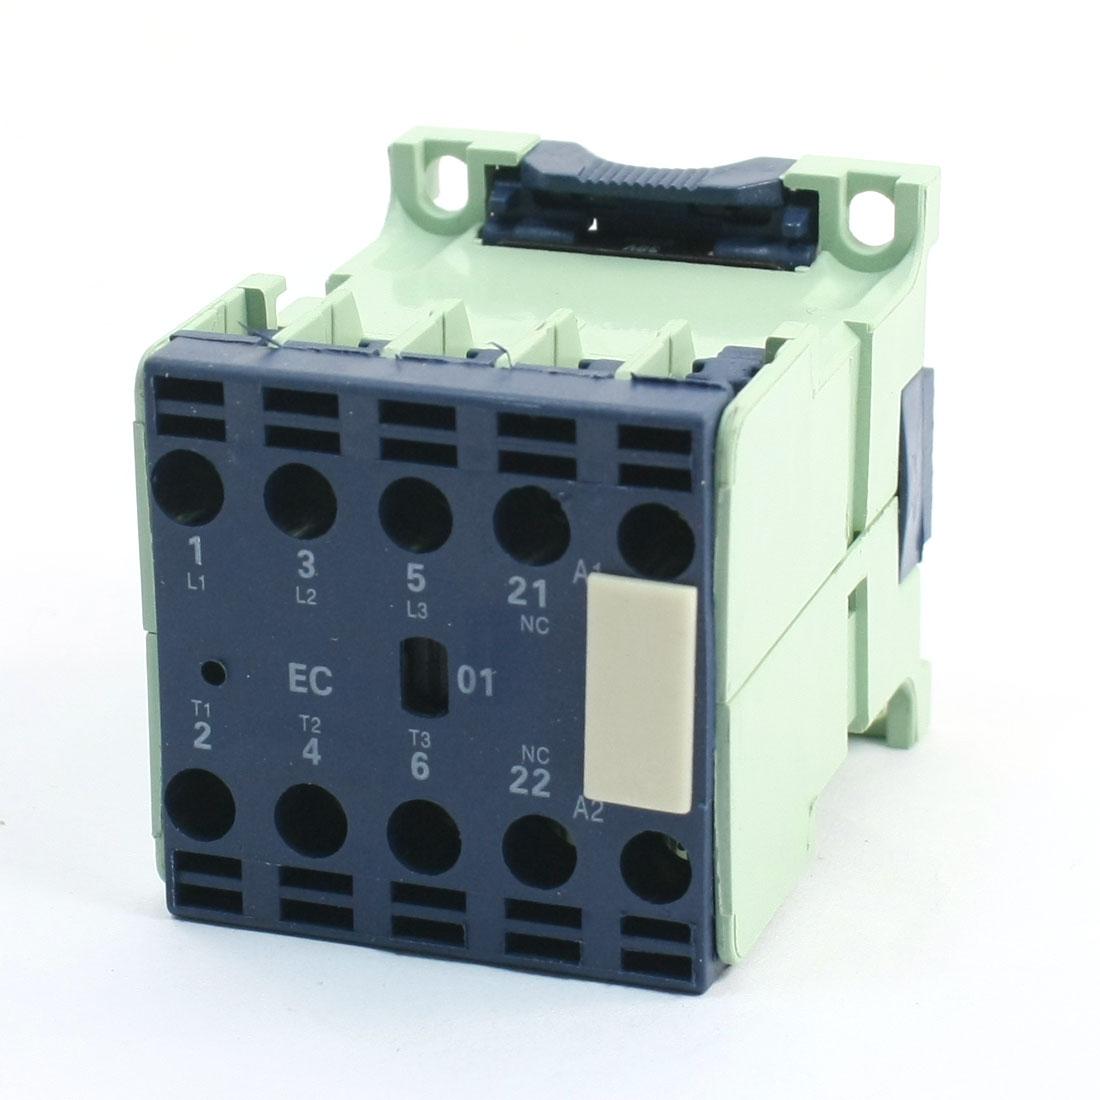 CJX2-1201E Miniature AC Contactor 36V 50/60Hz Coil 12A 3Phase 1NC